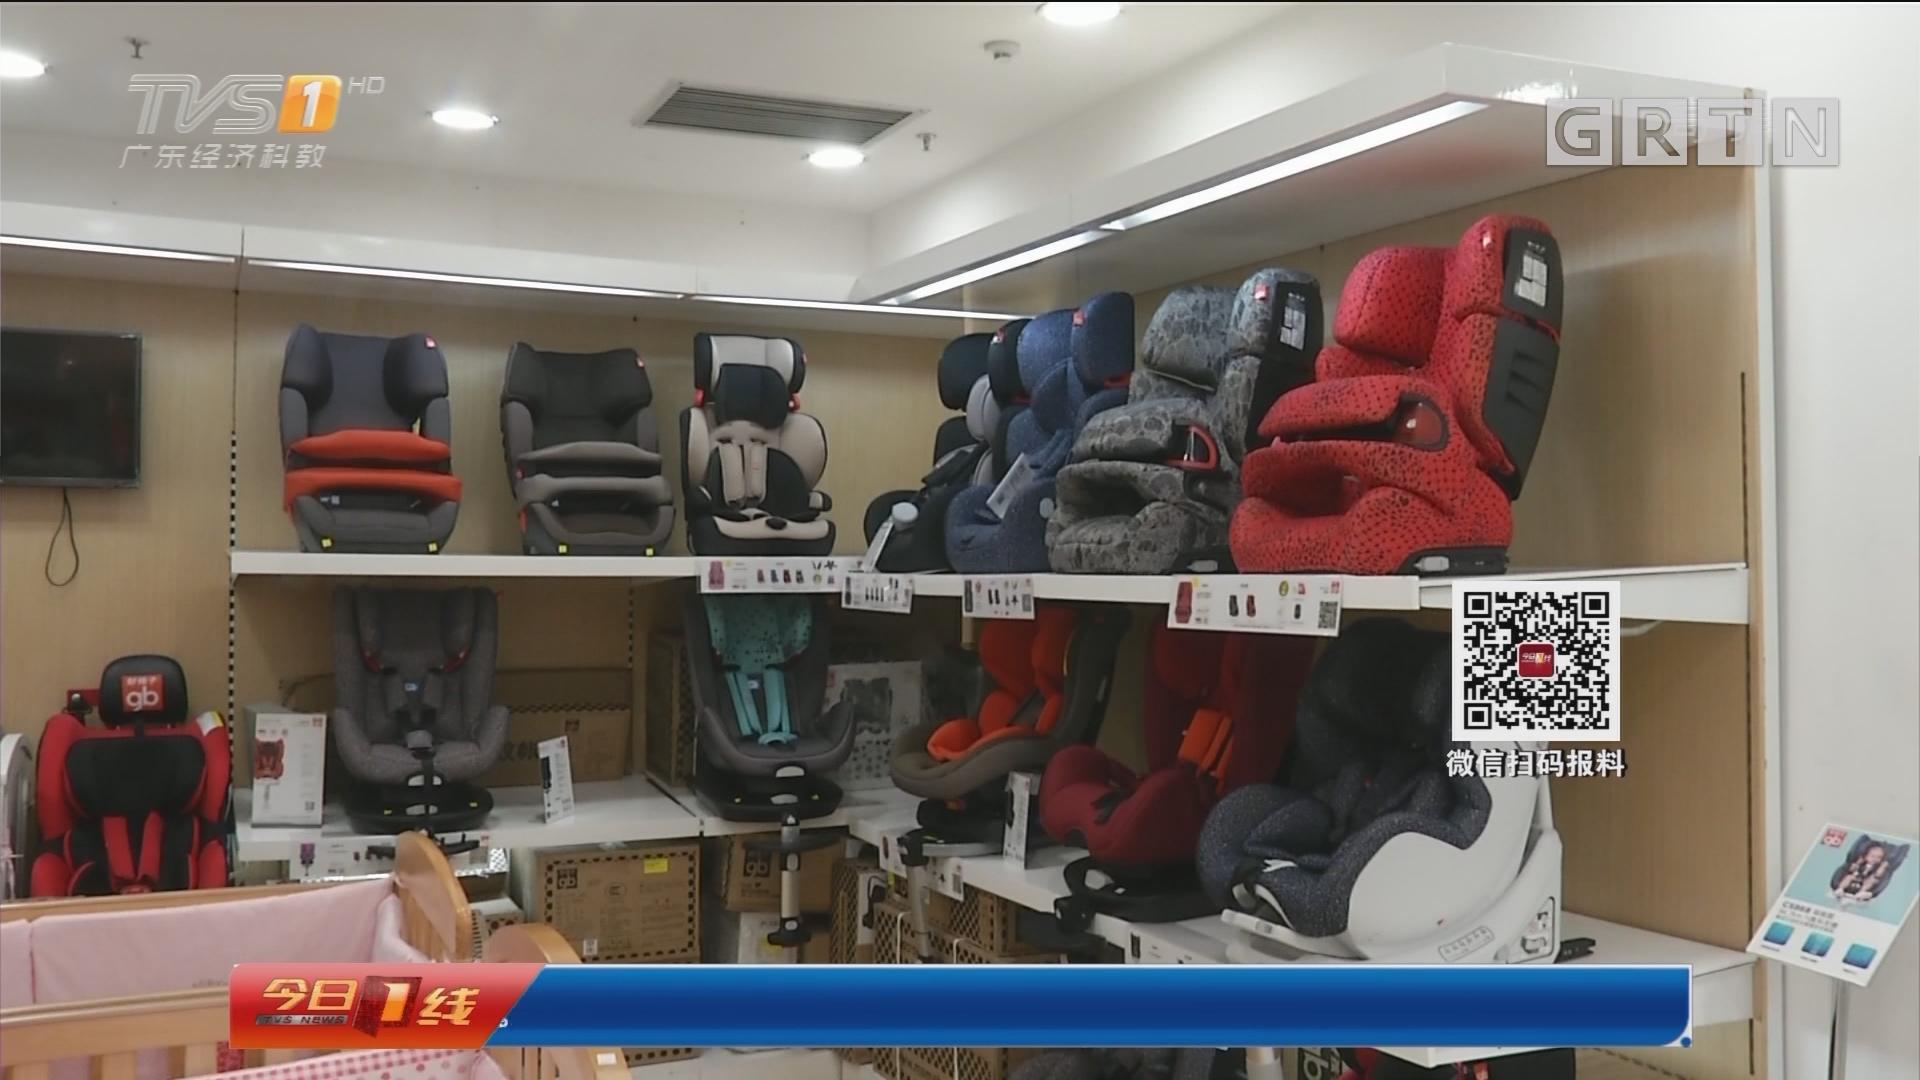 驾乘安全提示:广州 女童遭安全带勒脖 交警排险解救